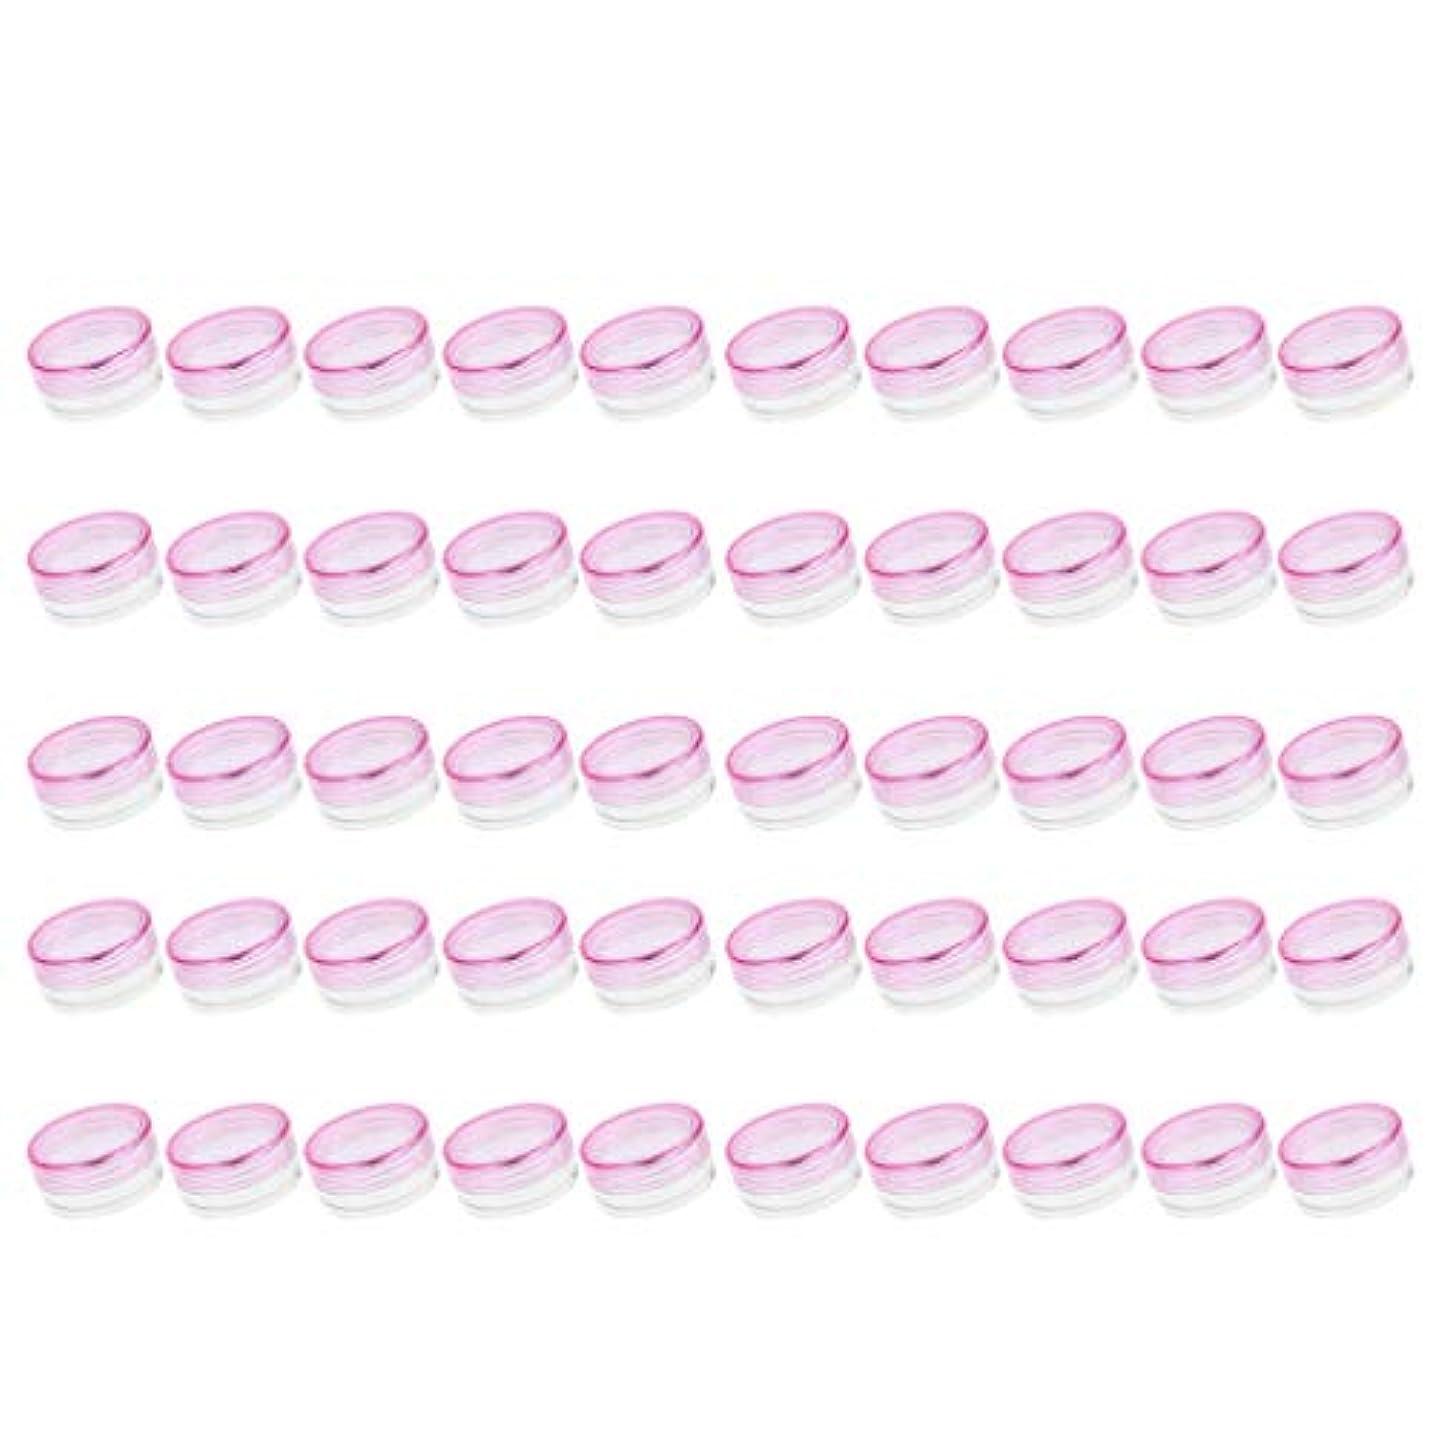 切り下げ現象設計P Prettyia クリームジャー クリームケース 化粧品 小分け 詰替え 容器 約50個 - ピンク